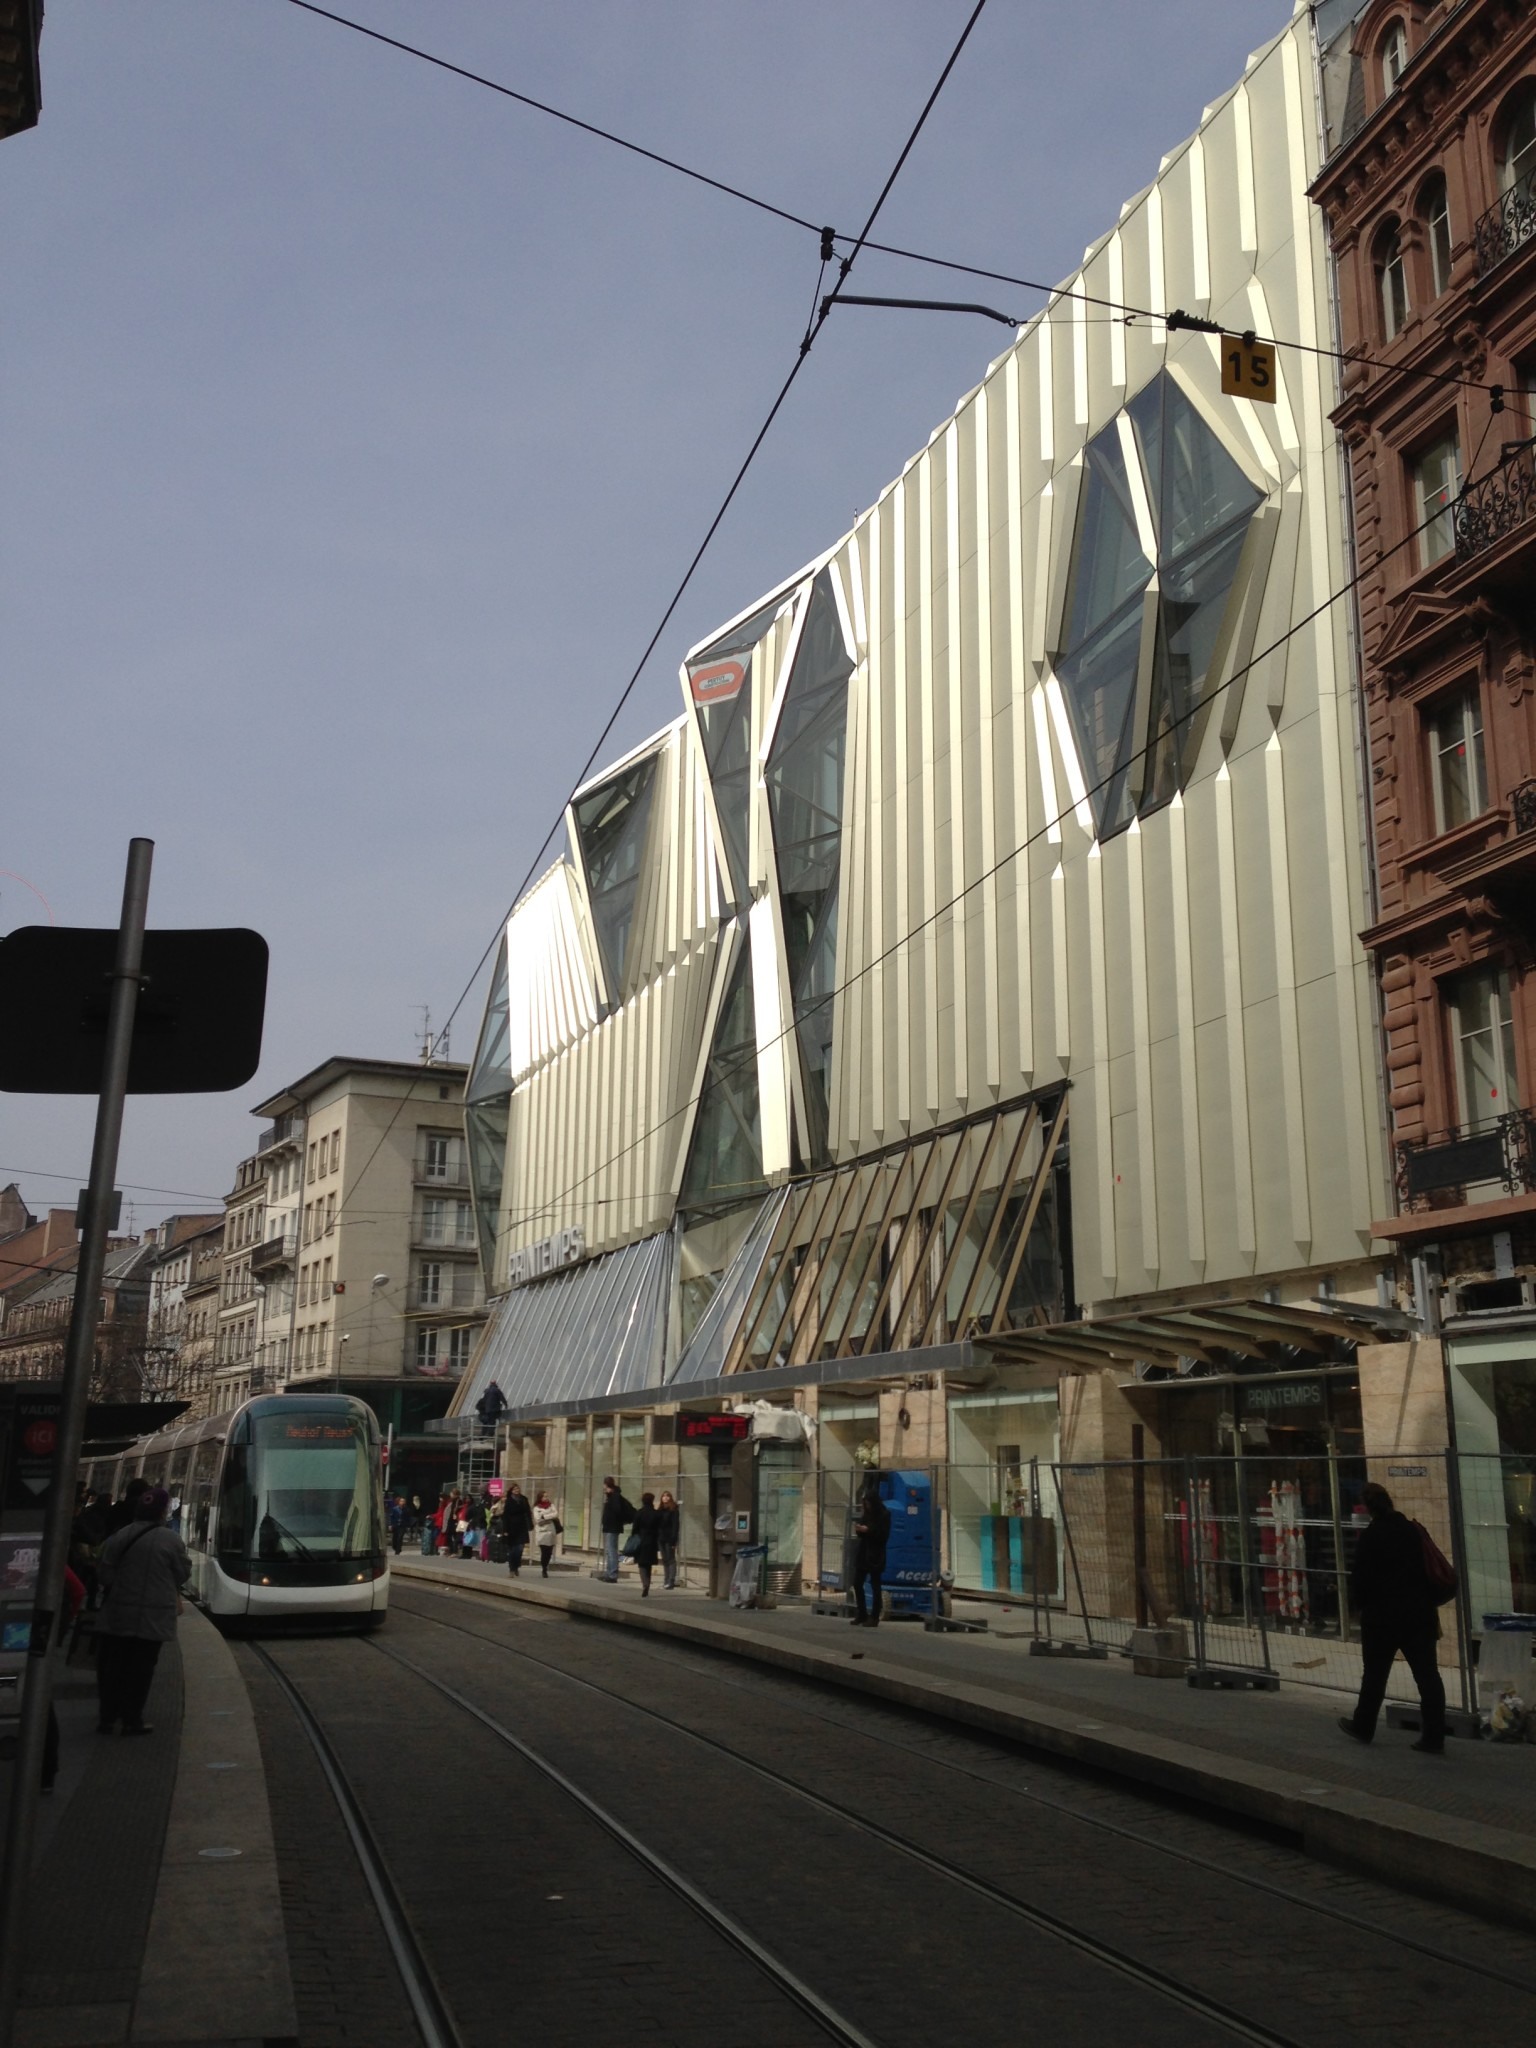 Nouveau grand magasin printemps strasbourg premi res impressions - Magasin printemps strasbourg ...